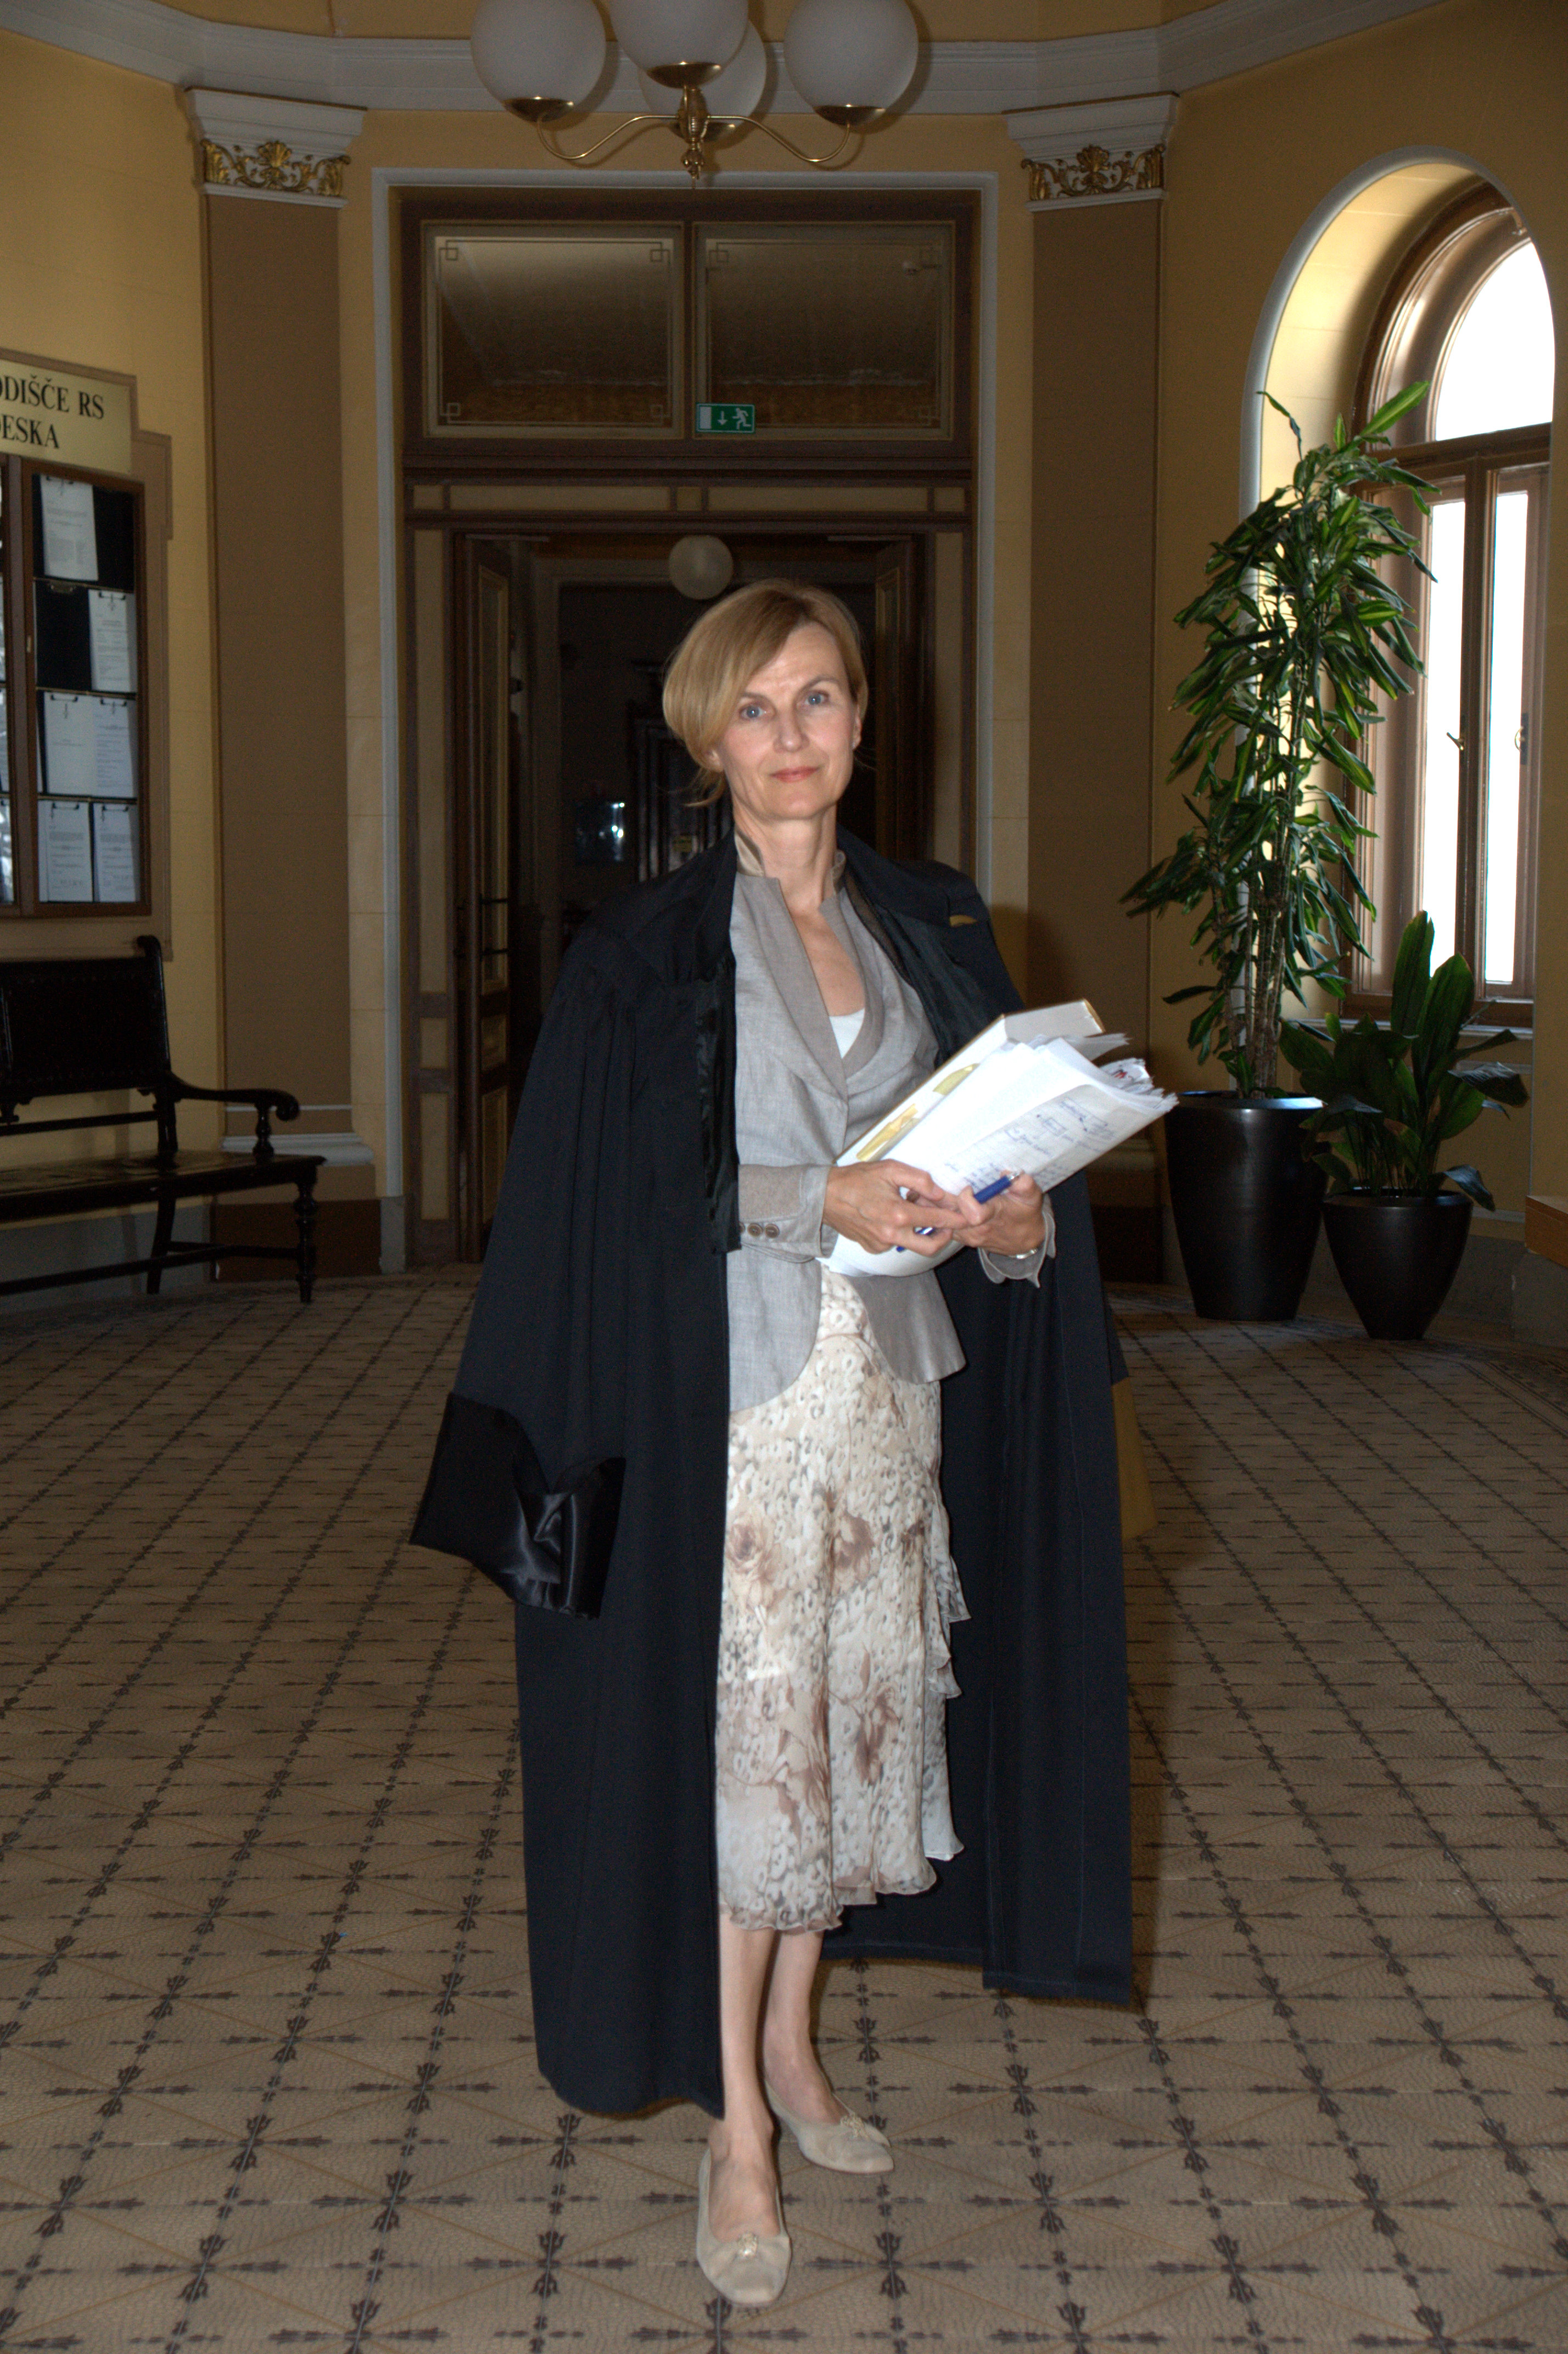 Vrhovna sodnica Dunja Jadek, sestra odvetnika Srečkota Jadeka. (Foto: STA)